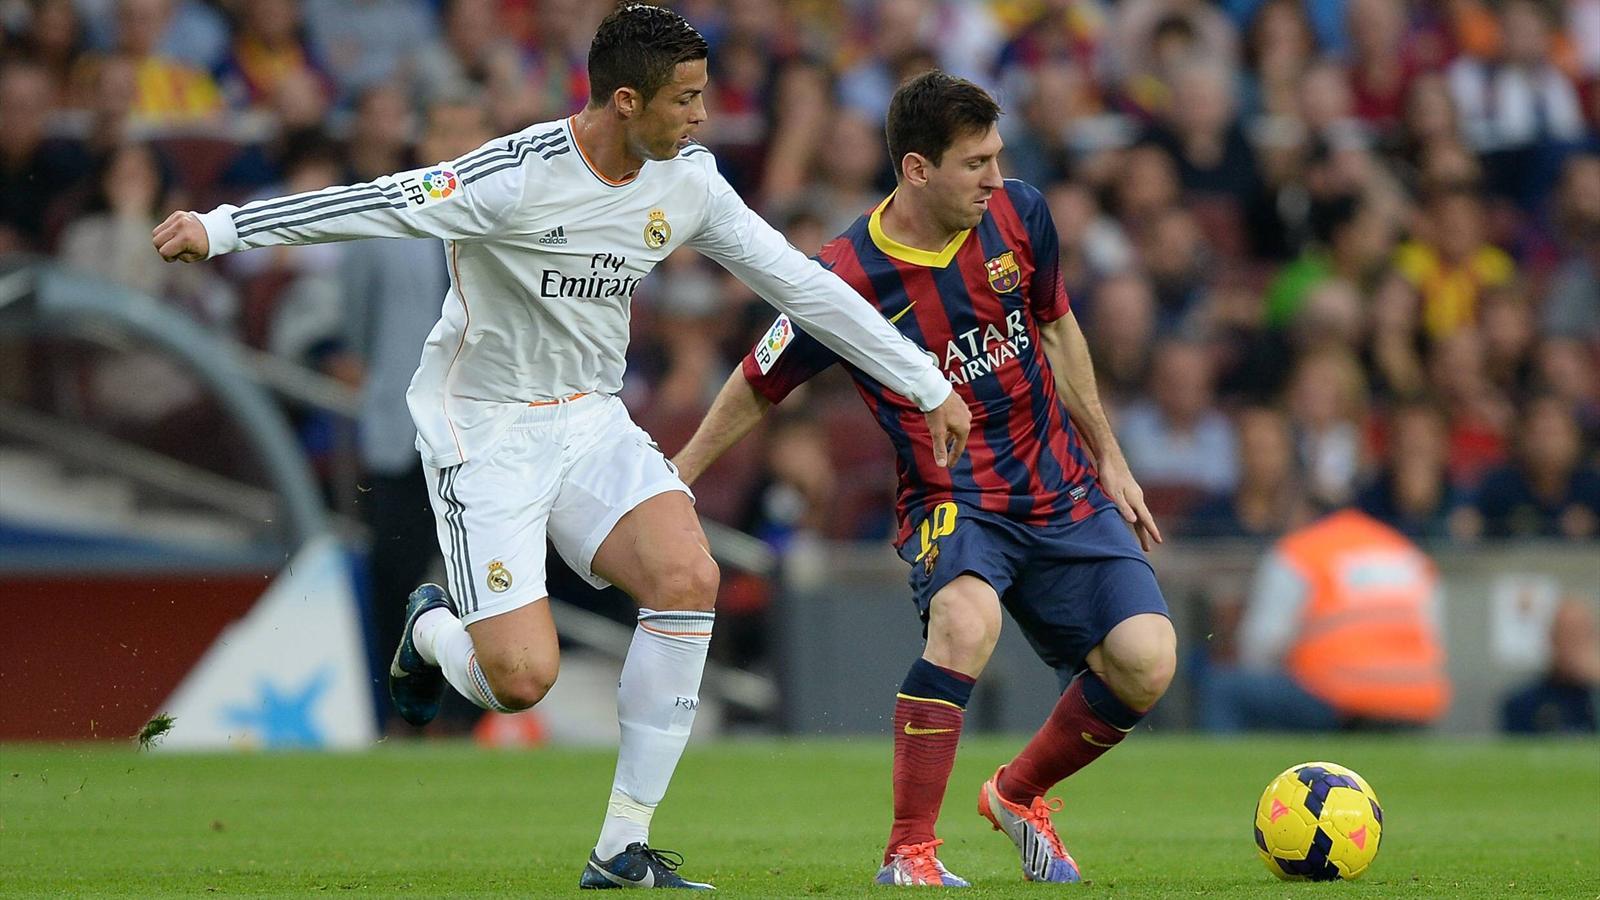 Кріштіано Роналду і Ліонель Мессі. Фото: les-transferts.com